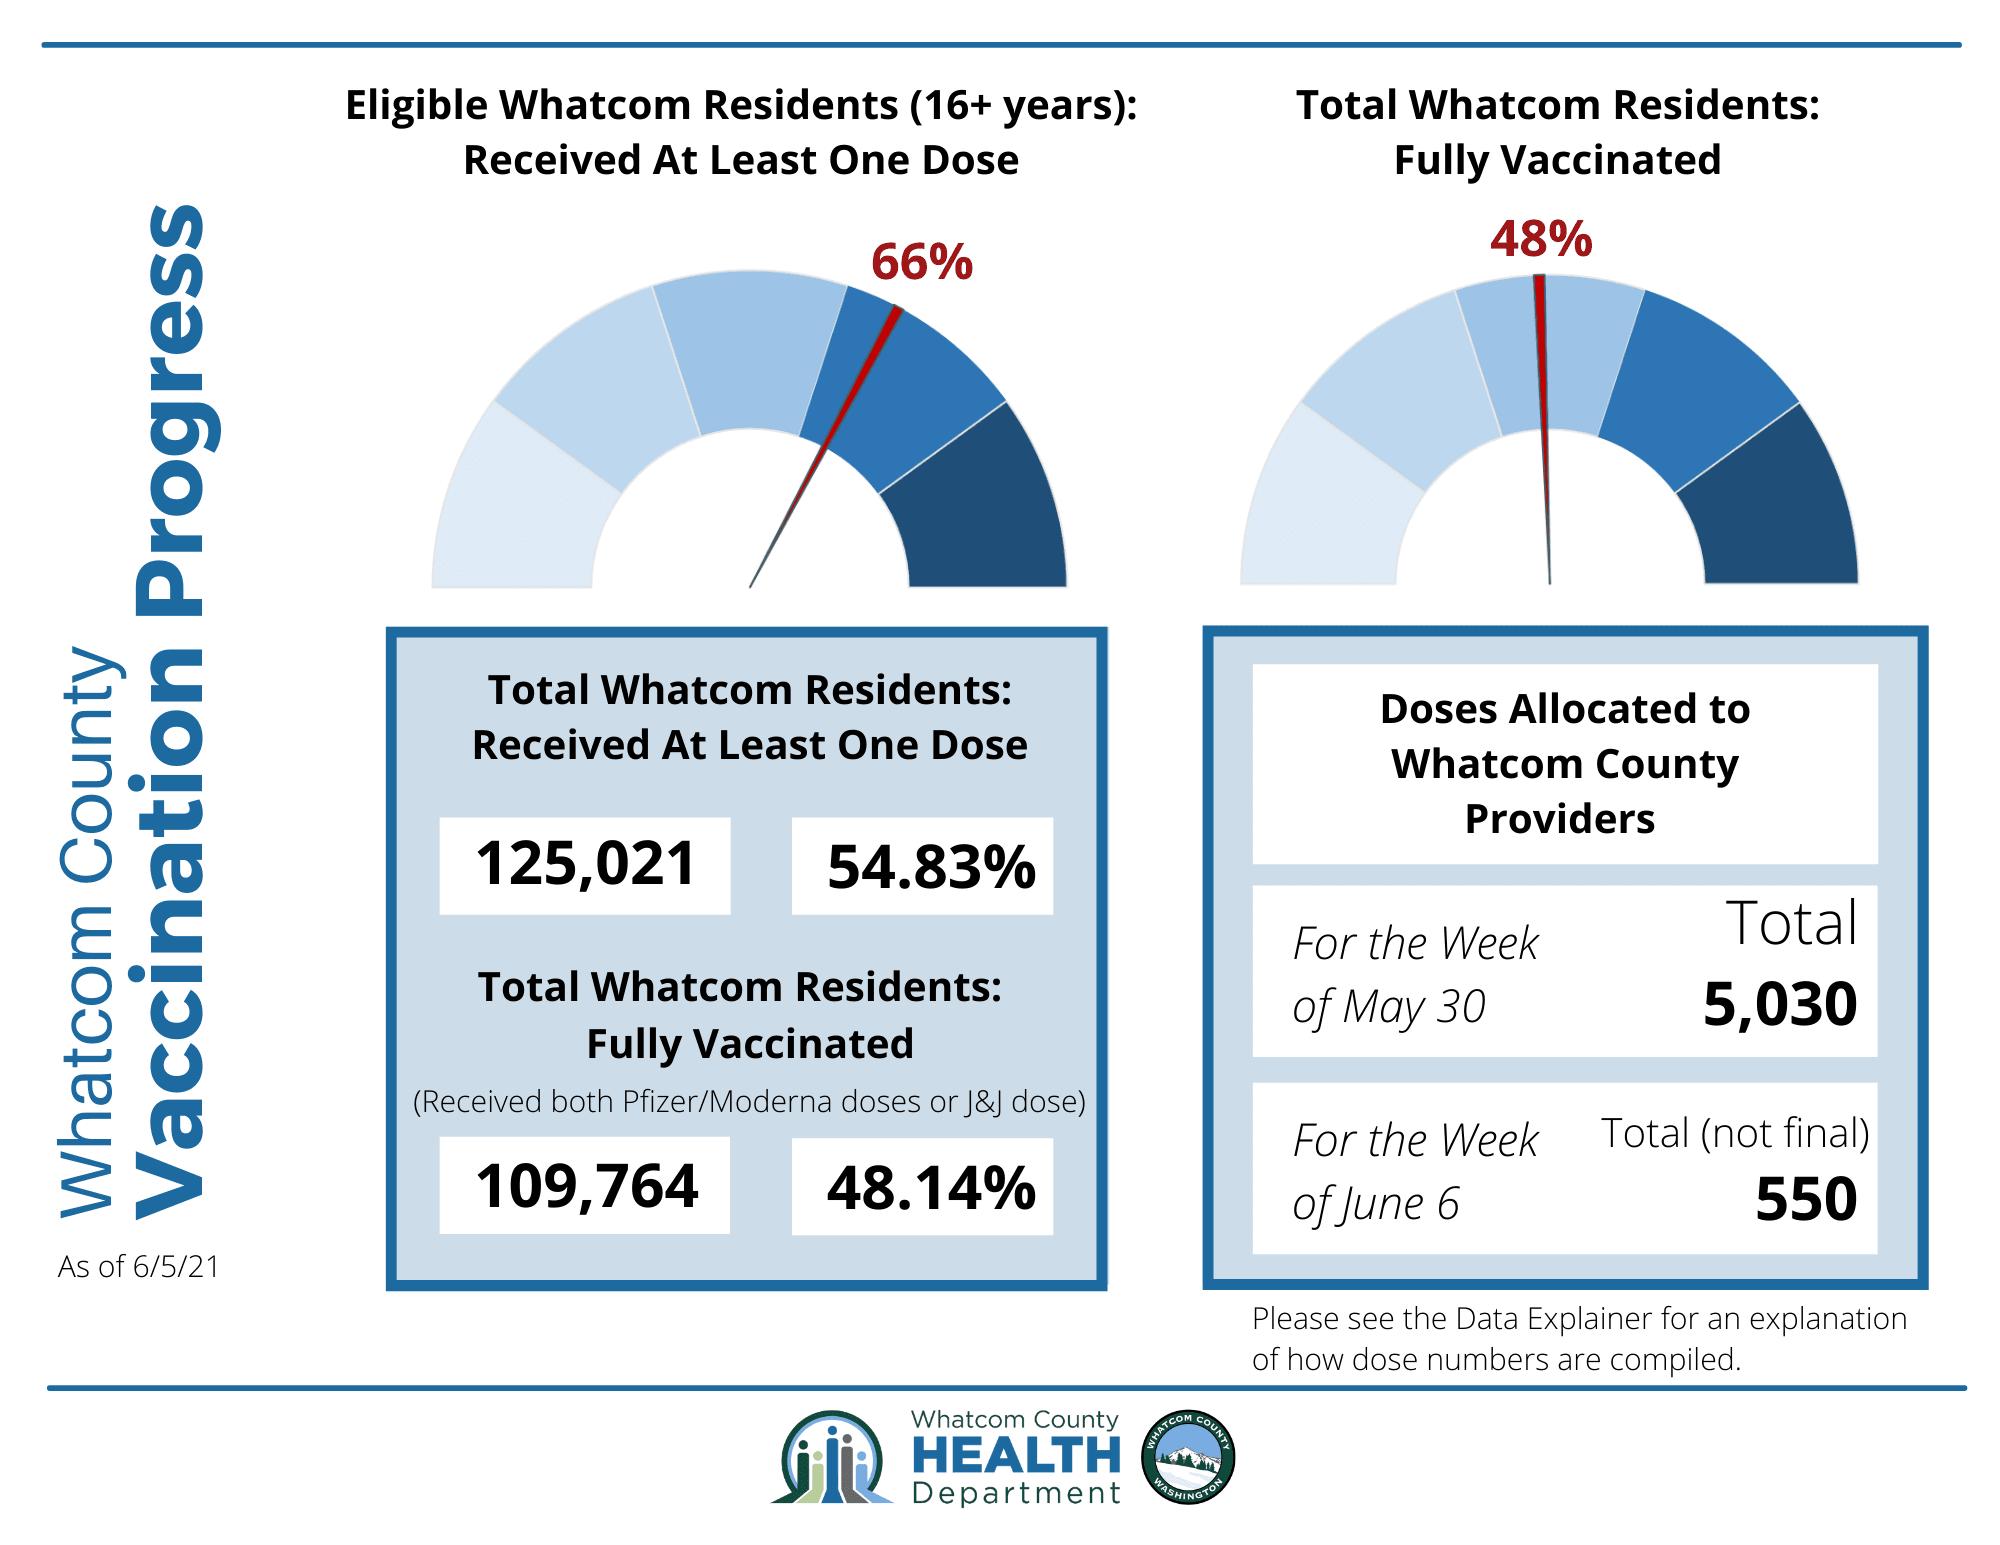 Whatcom County Vax Progress Infographic 6/8/21